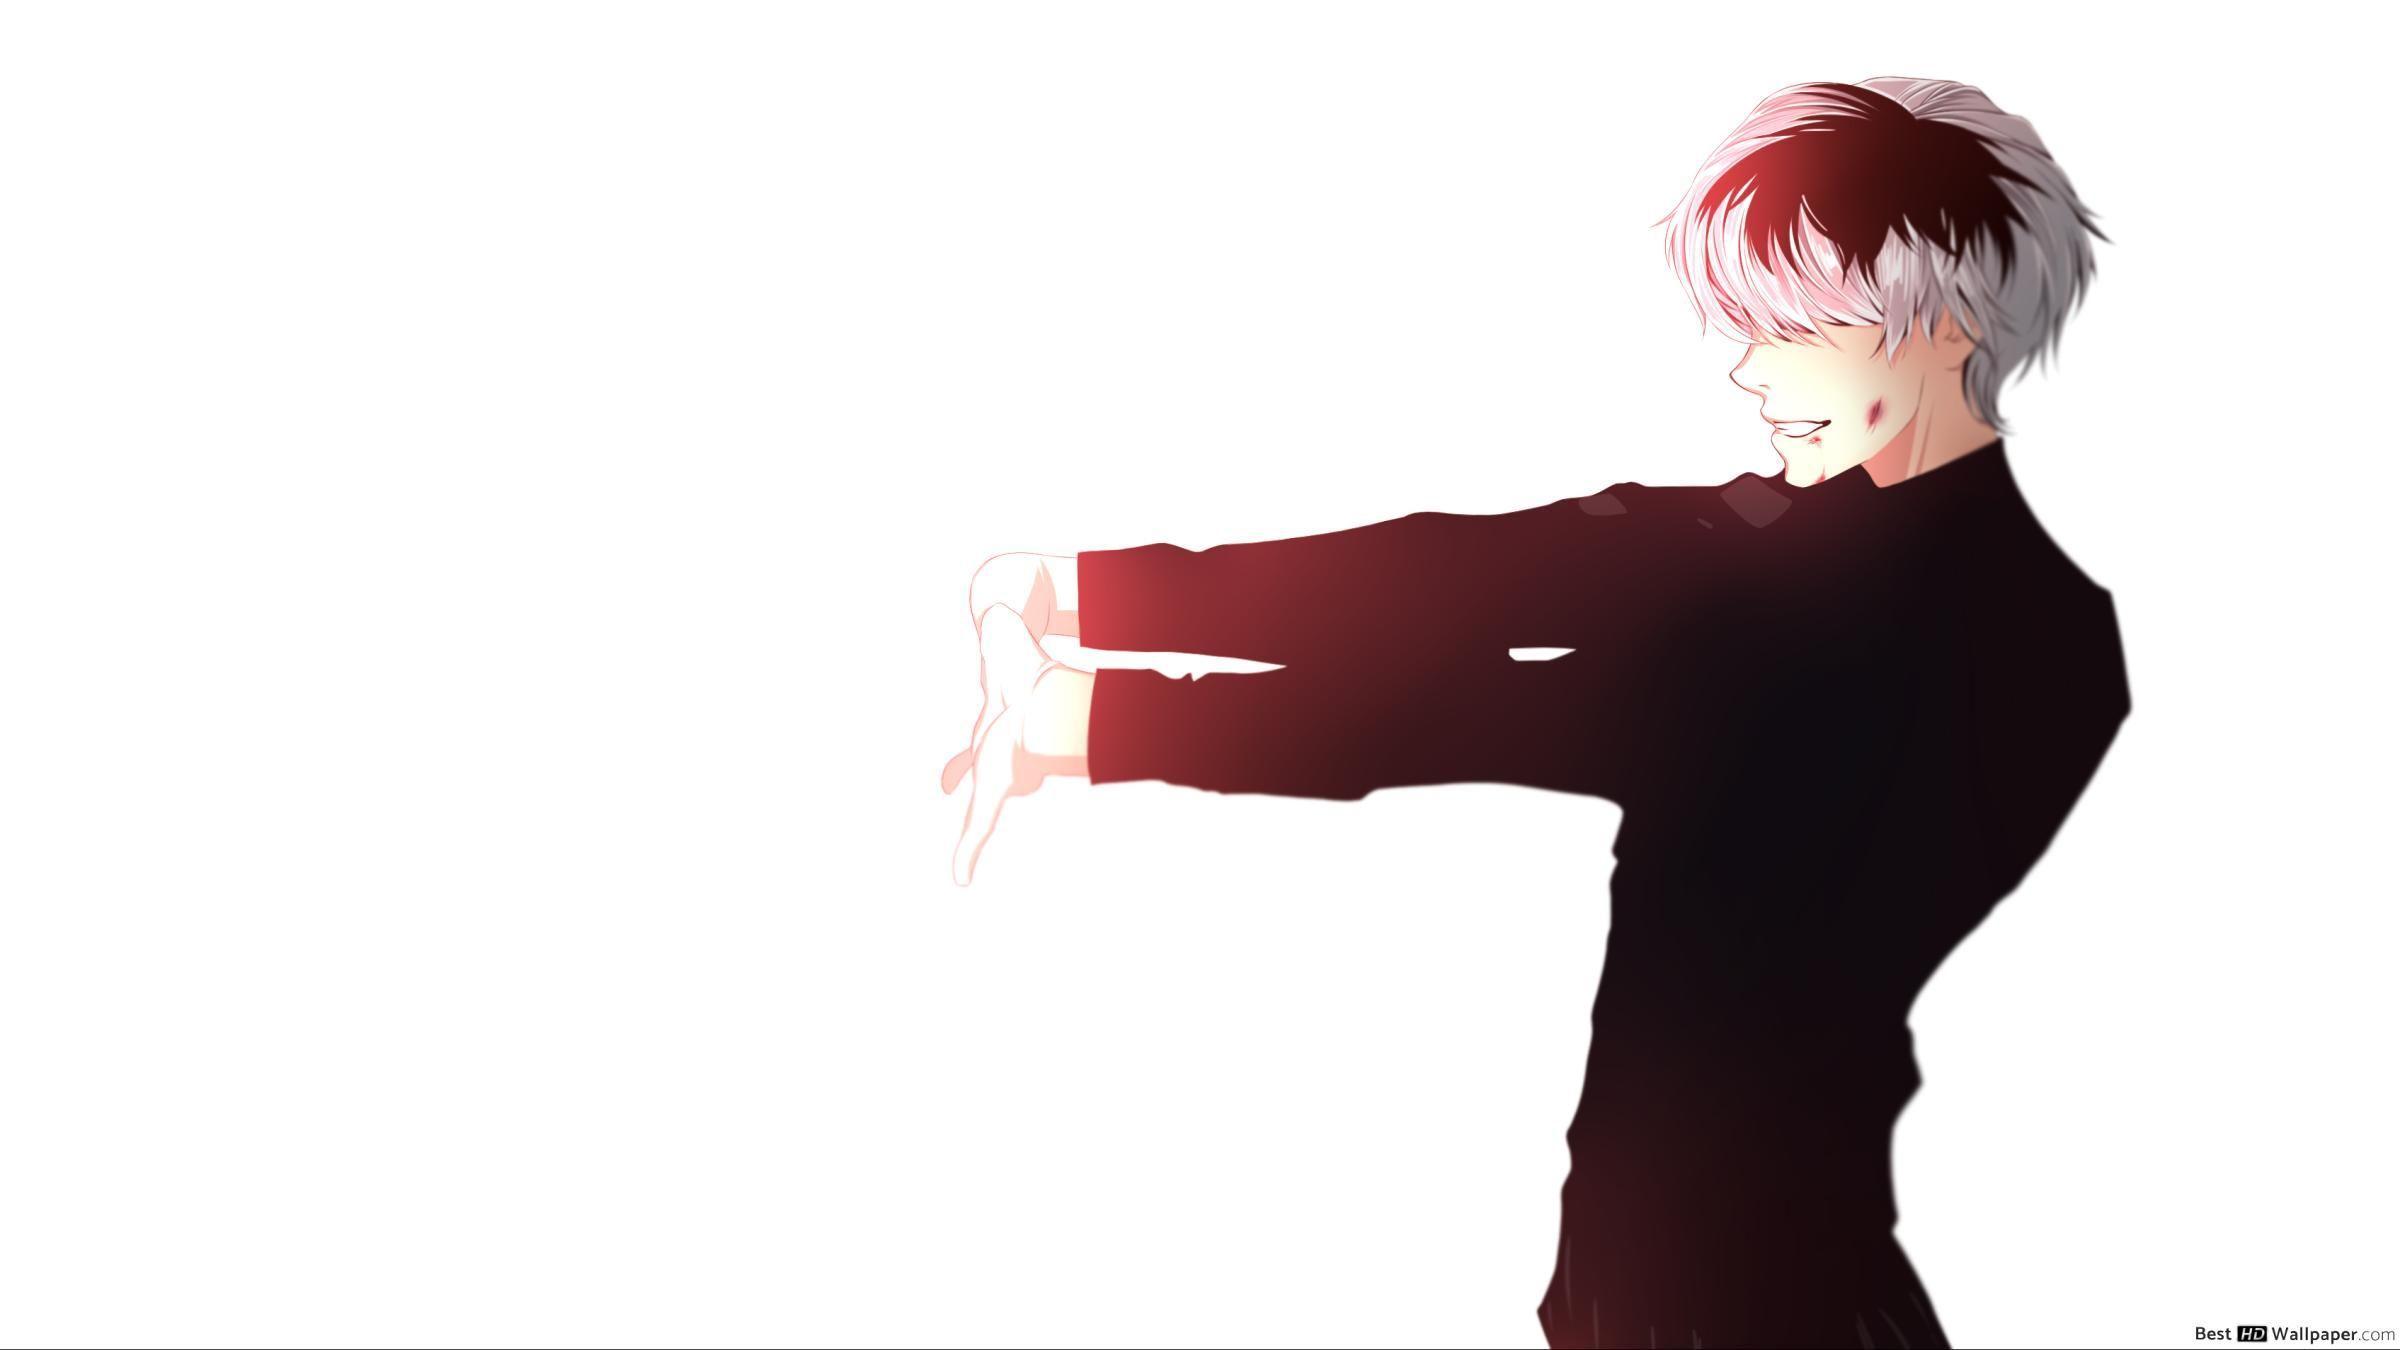 Haise Sasaki Manga Desktop Wallpapers Top Free Haise